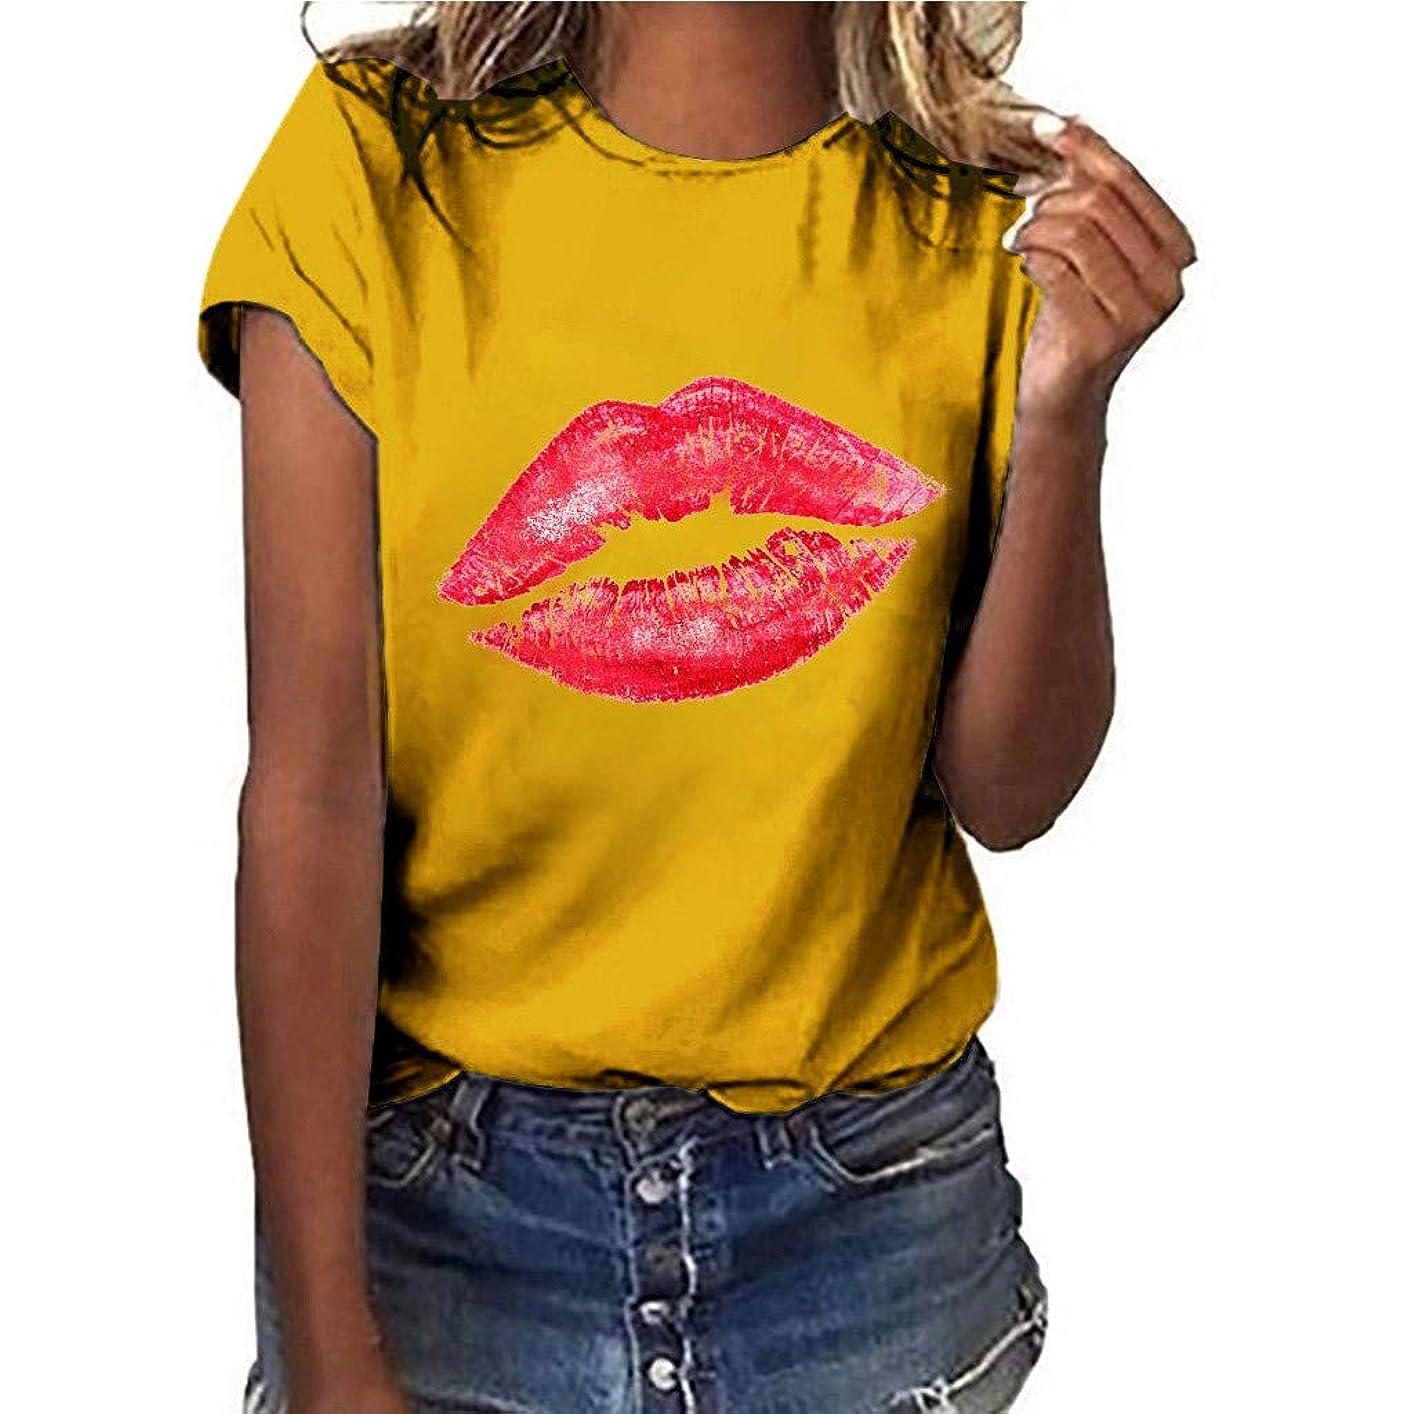 浅い反逆者つばTシャツ レディース 半袖 おおきいサイズ 唇プリント ラウンドネック ビジネス 学生 洋服 お出かけ ワイシャツ 流行り ブラウス 軽い 柔らかい かっこいい カジュアル シンプル オシャレ 春夏 対応 可愛い 欧米風 日韓風